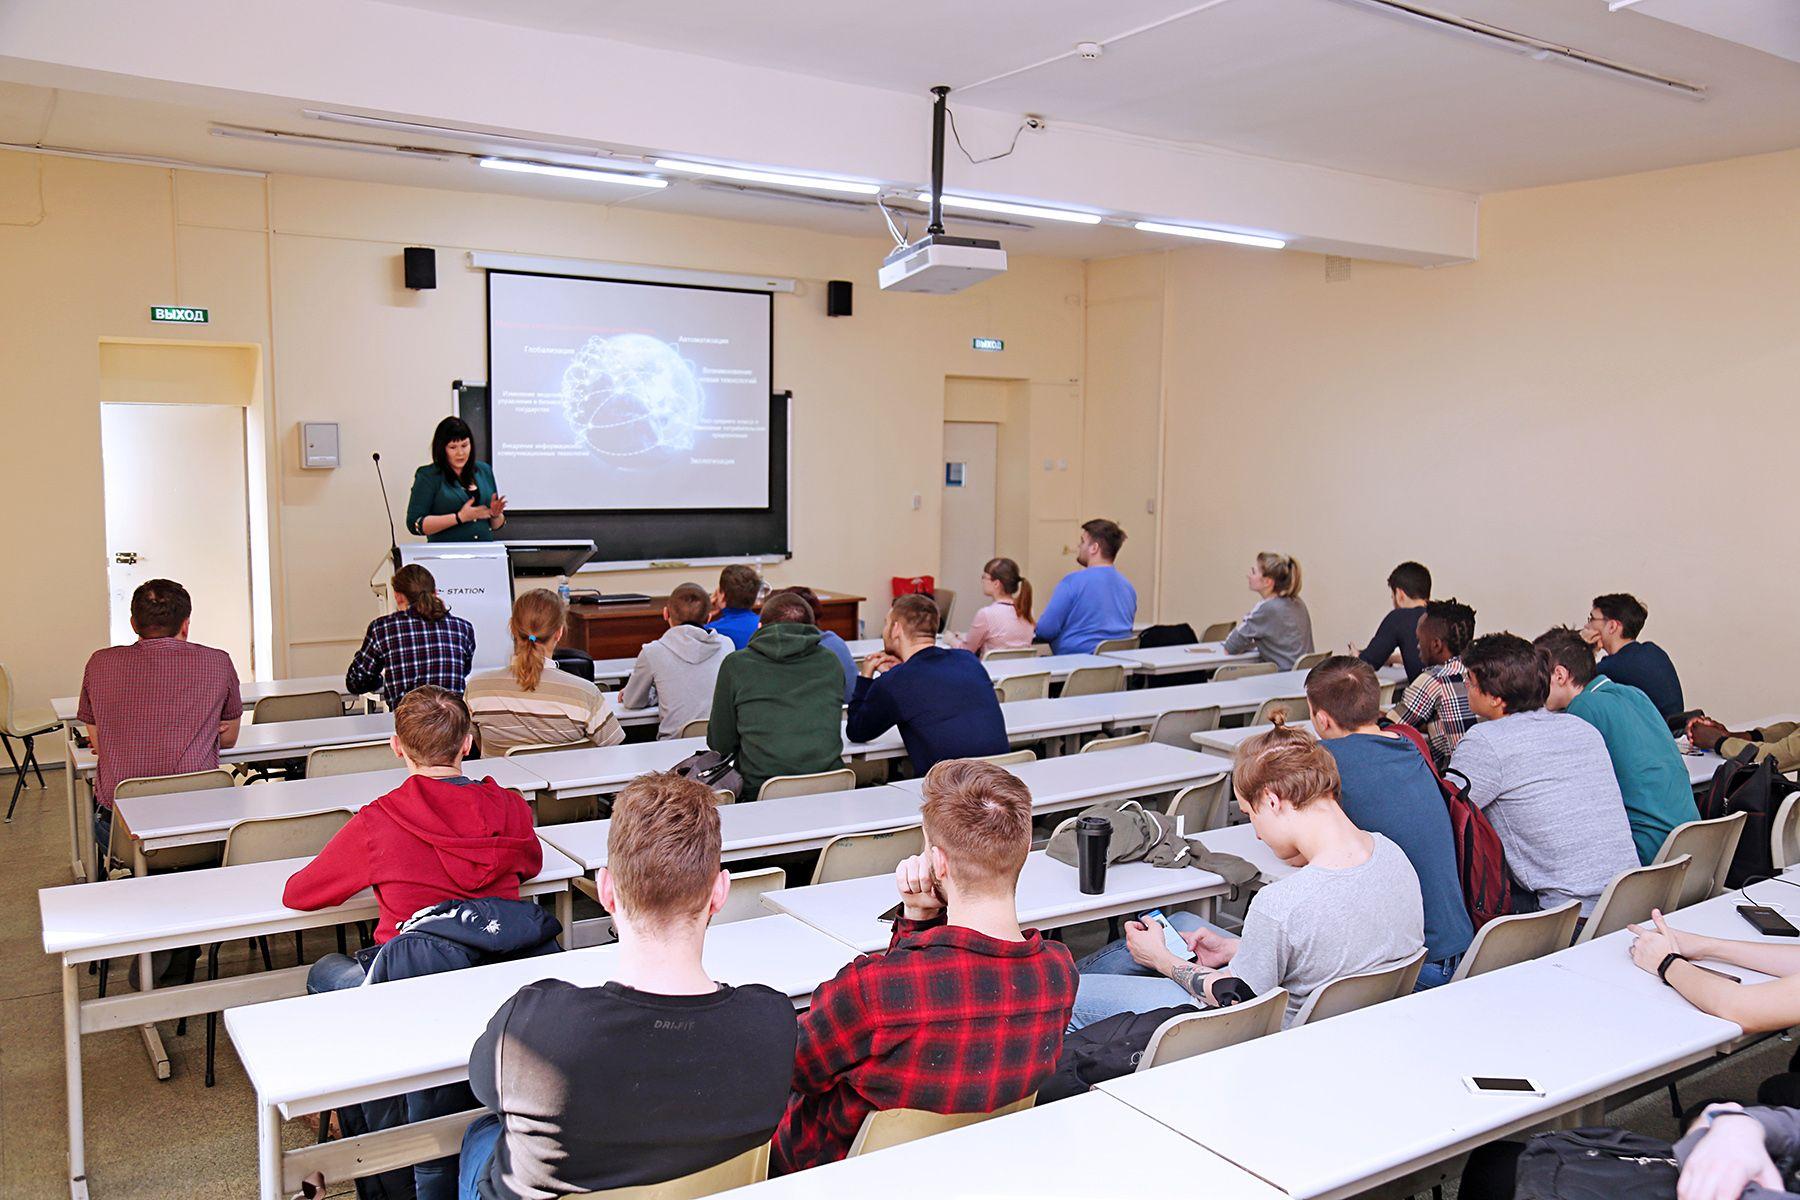 МТС и профессии будущего: перспективы для студентов ВГУЭС